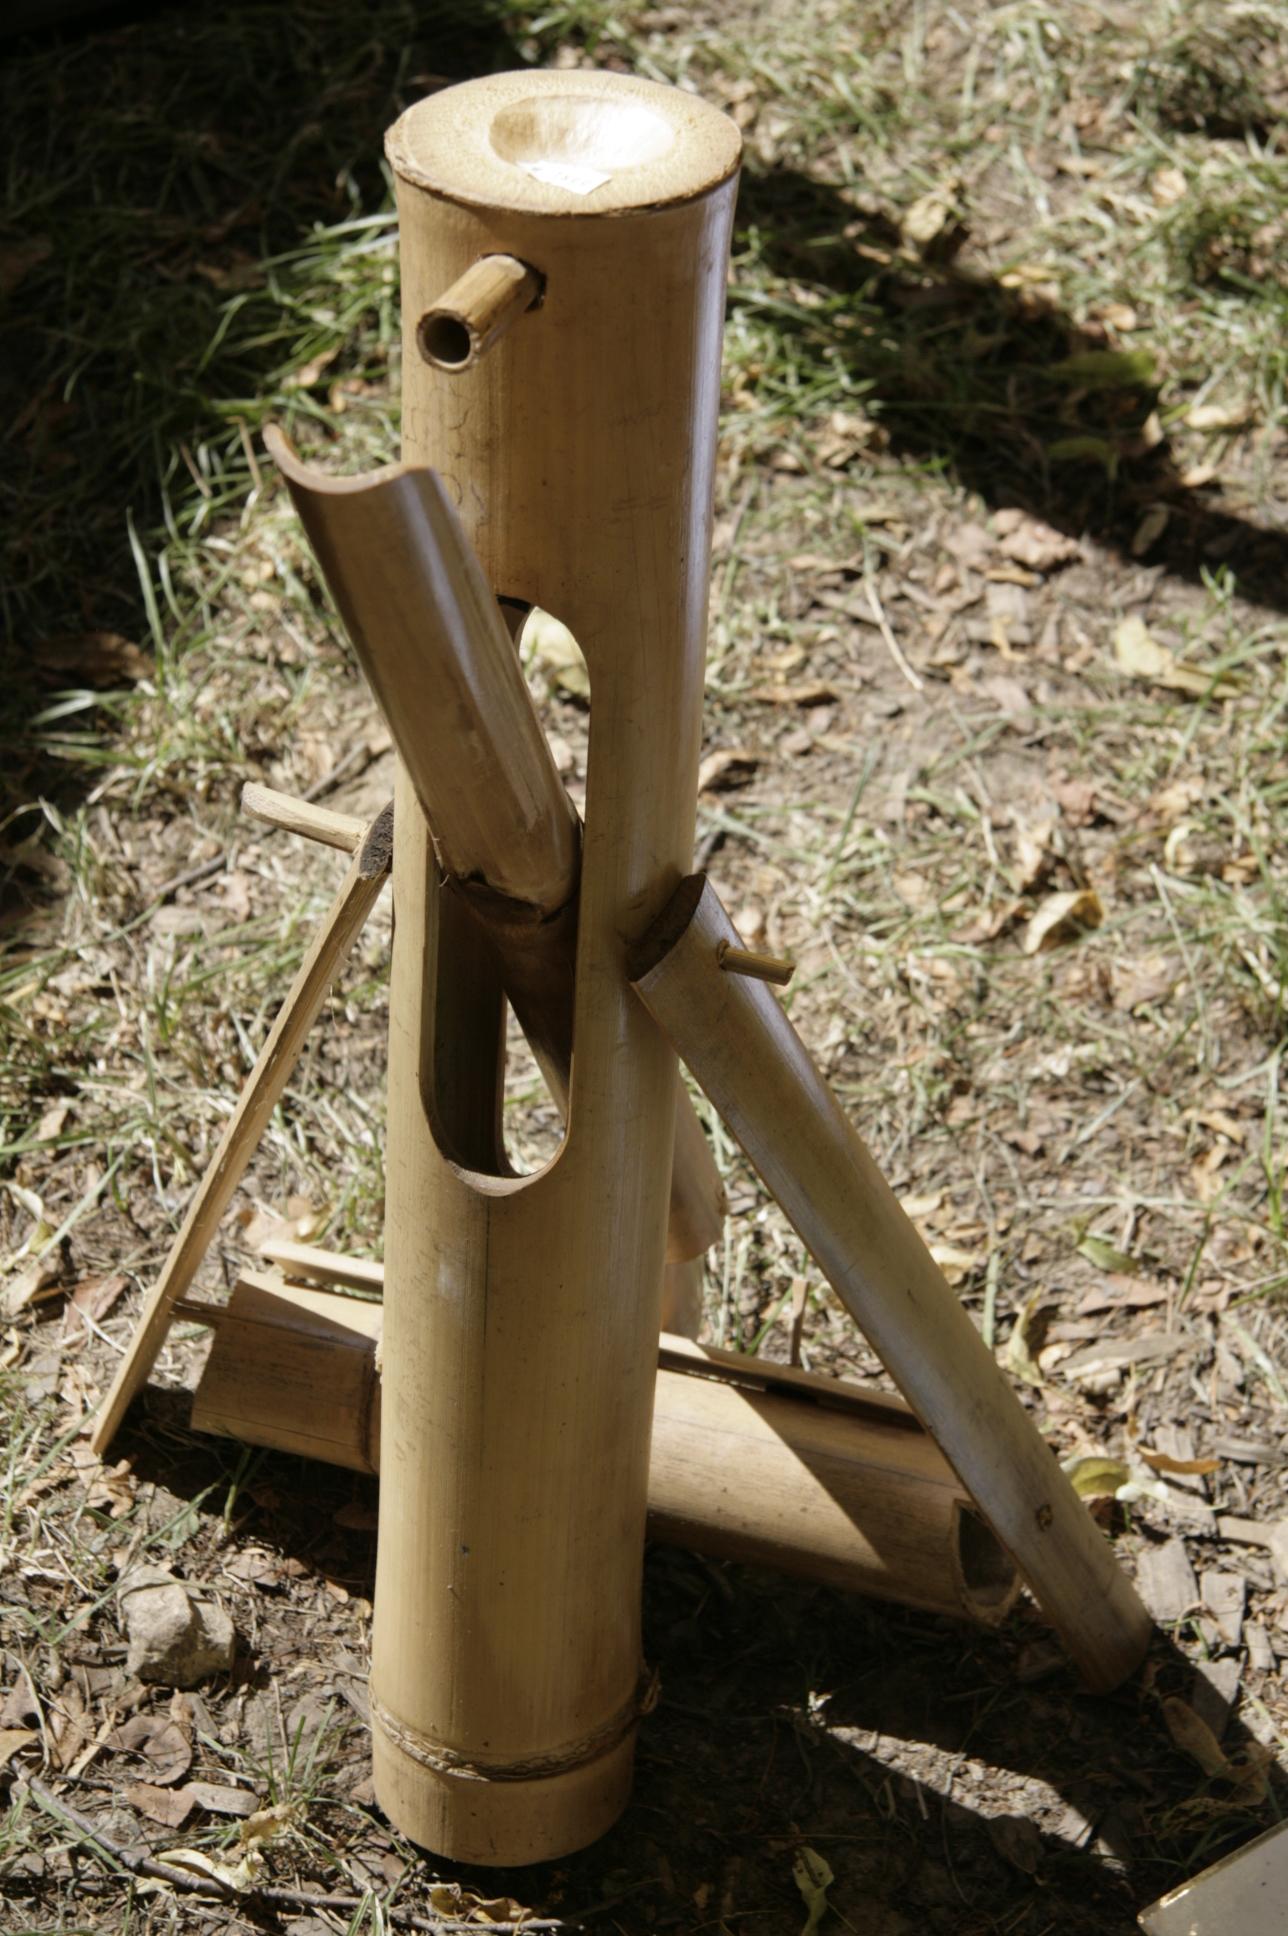 wasserspiel wasserschaukel aus bambus online kaufen. Black Bedroom Furniture Sets. Home Design Ideas